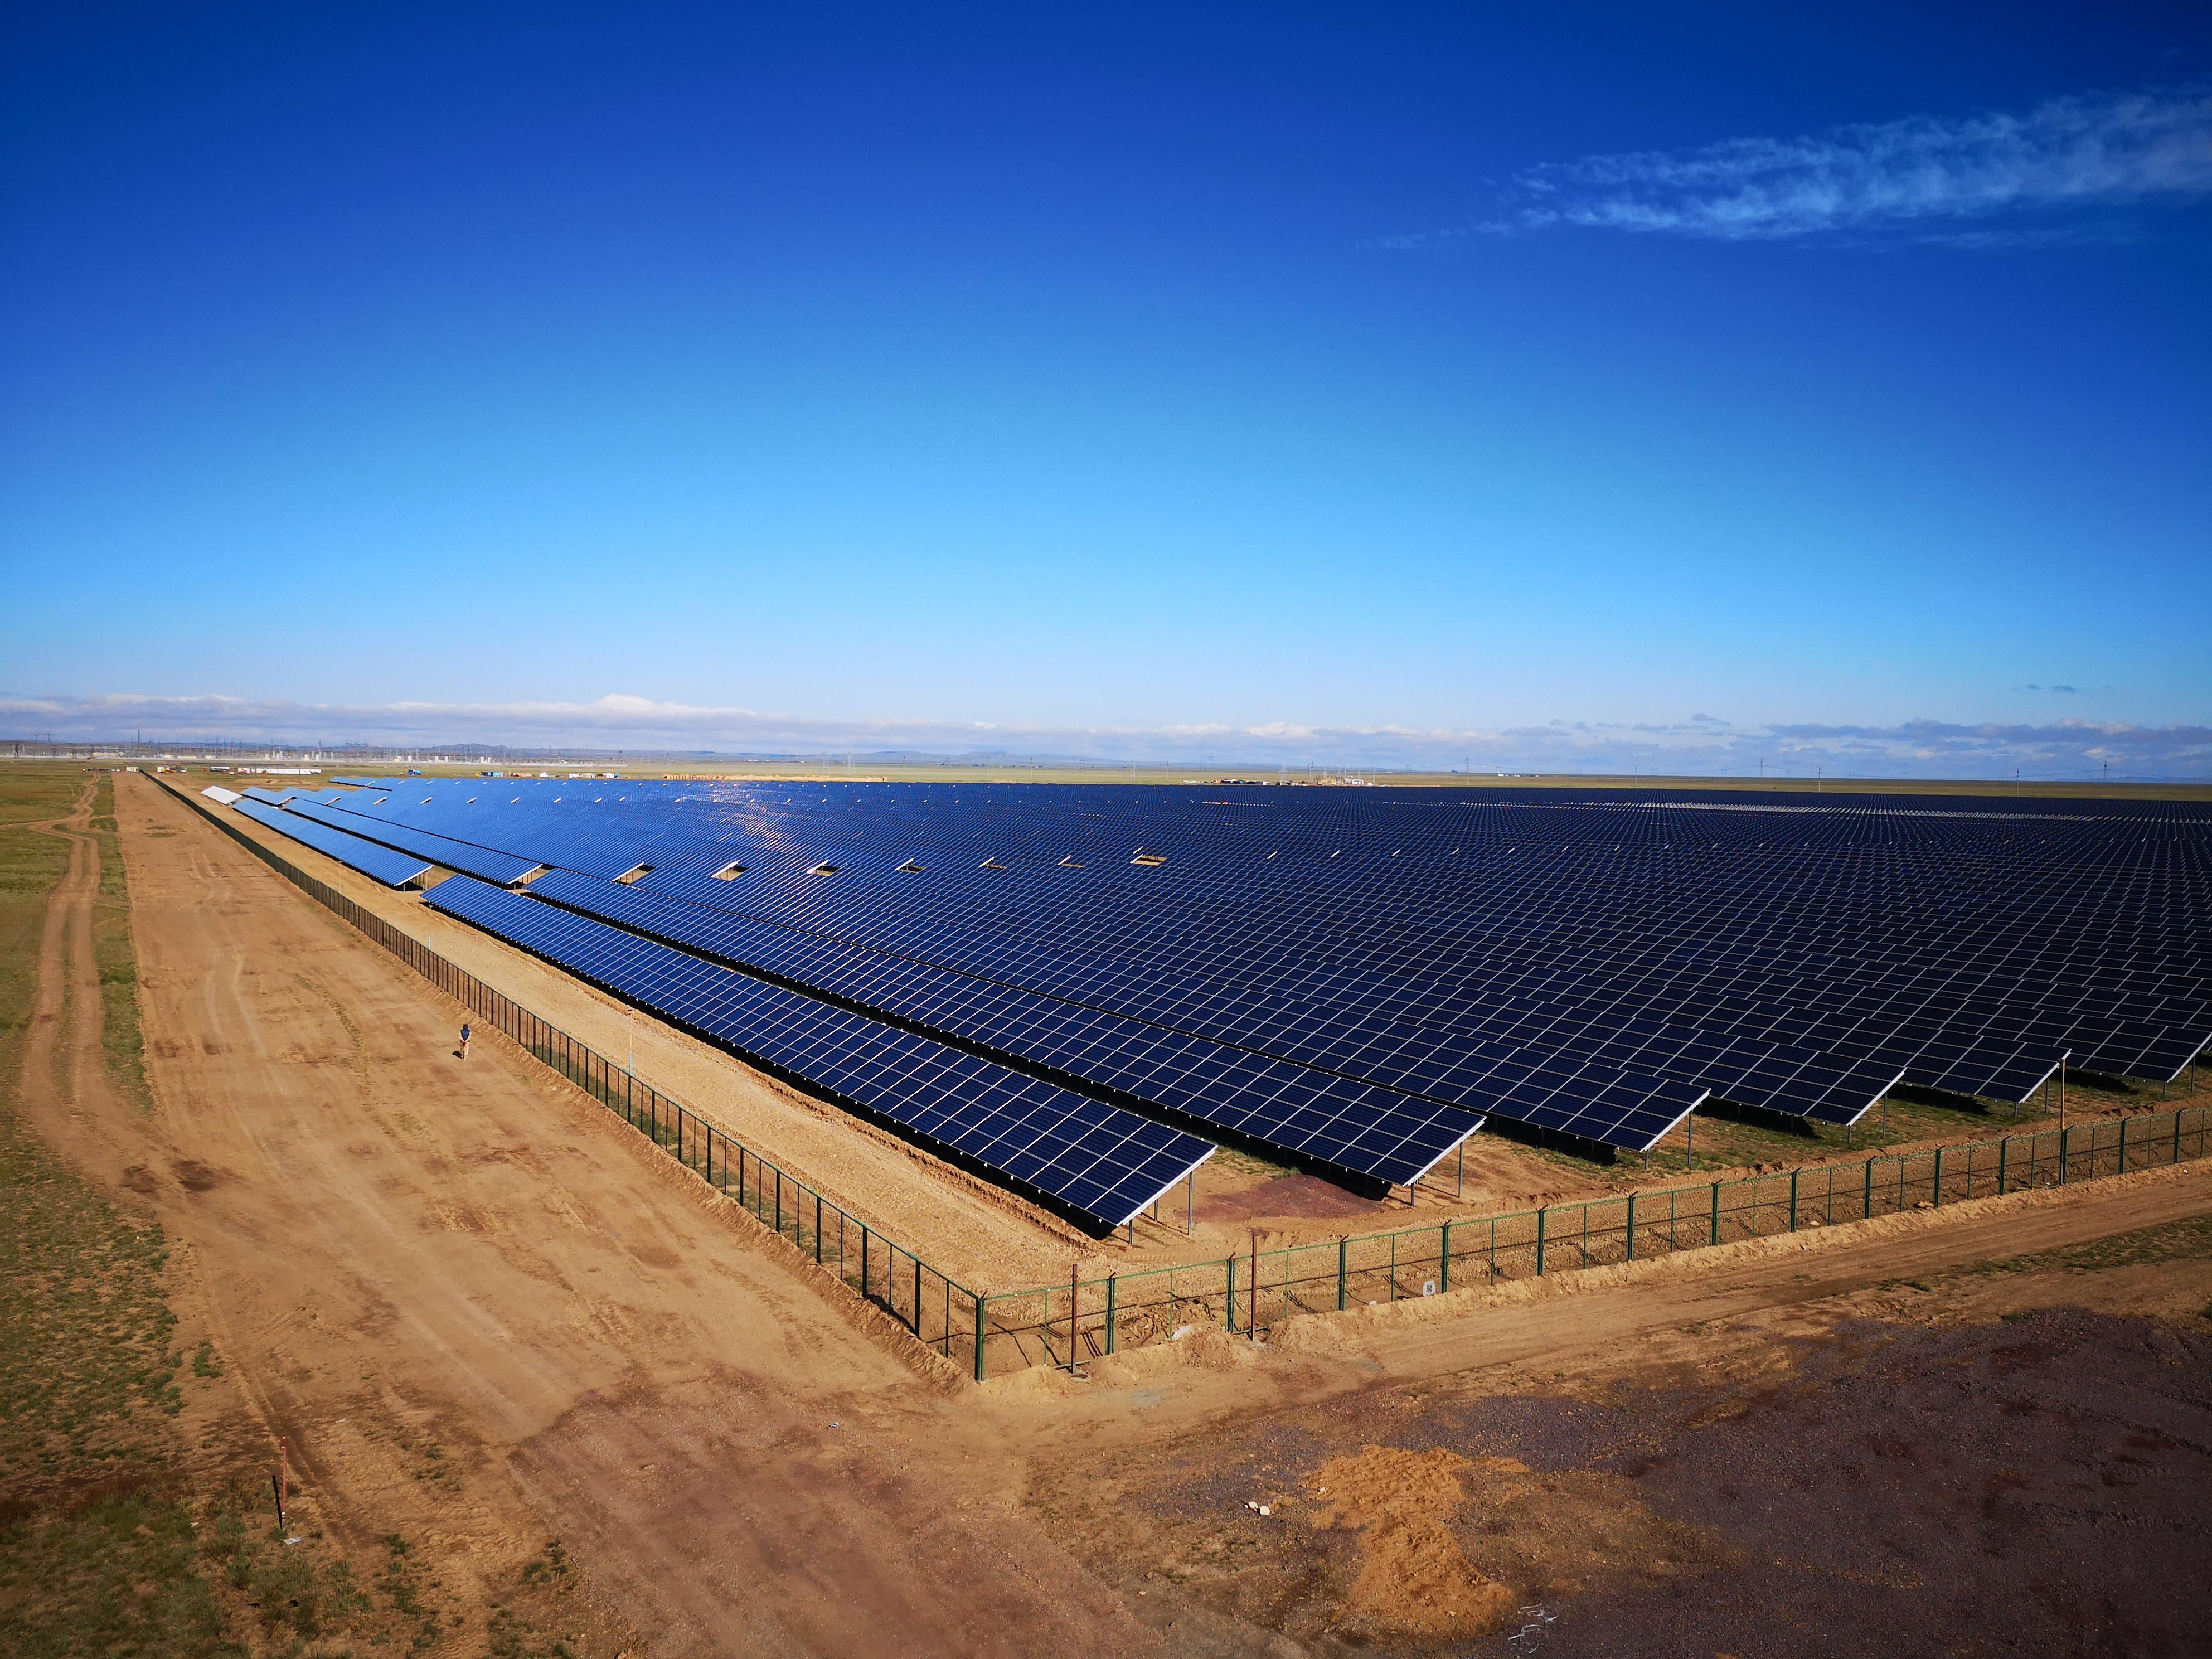 Ausfallsichere Solarleitungen für die Energiewende in Kasachstan